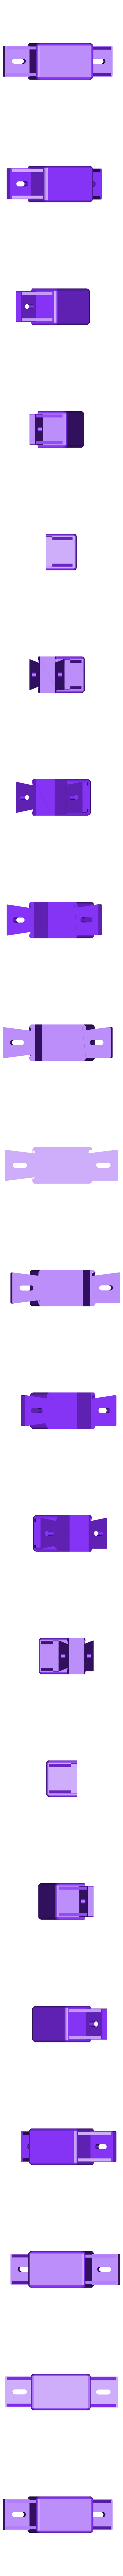 Frame_Mount.stl Download free OBJ file Frame Mount • Template to 3D print, MakeItWork